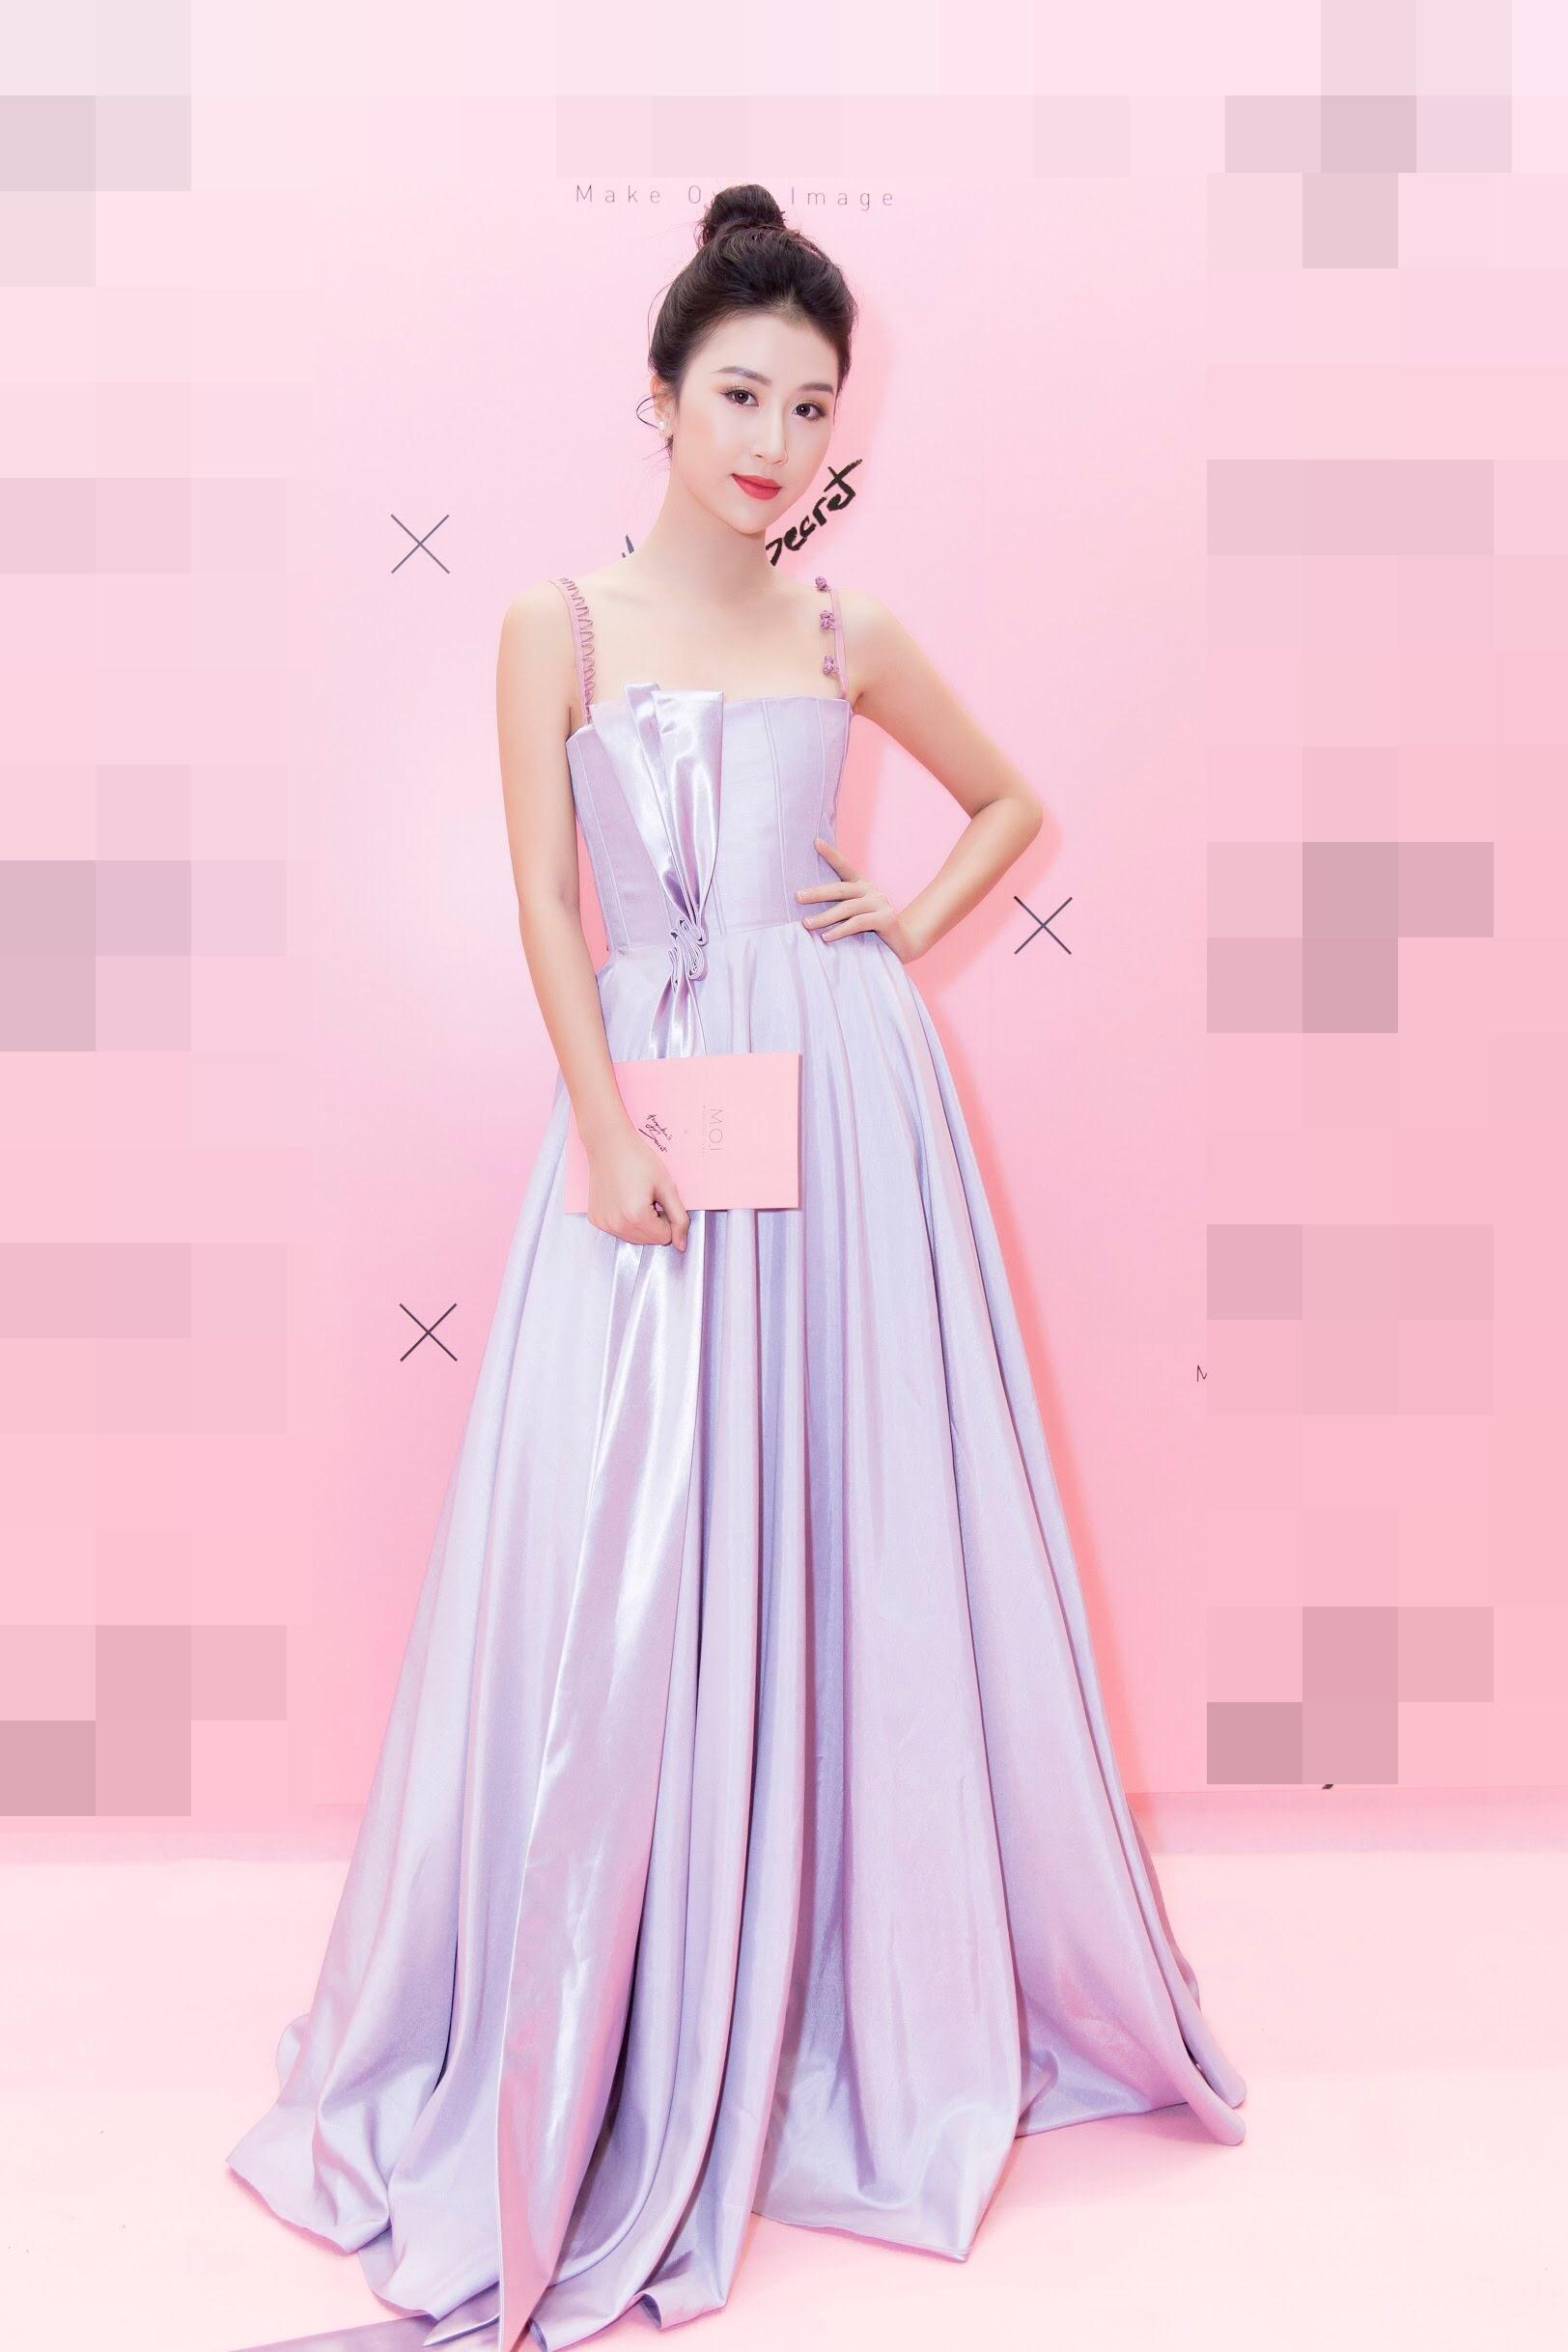 Cứ mỗi lần sánh đôi, Hồ Ngọc Hà - Kim Lý lại chiếm vị trí top sao mặc đẹp nhất tuần-7